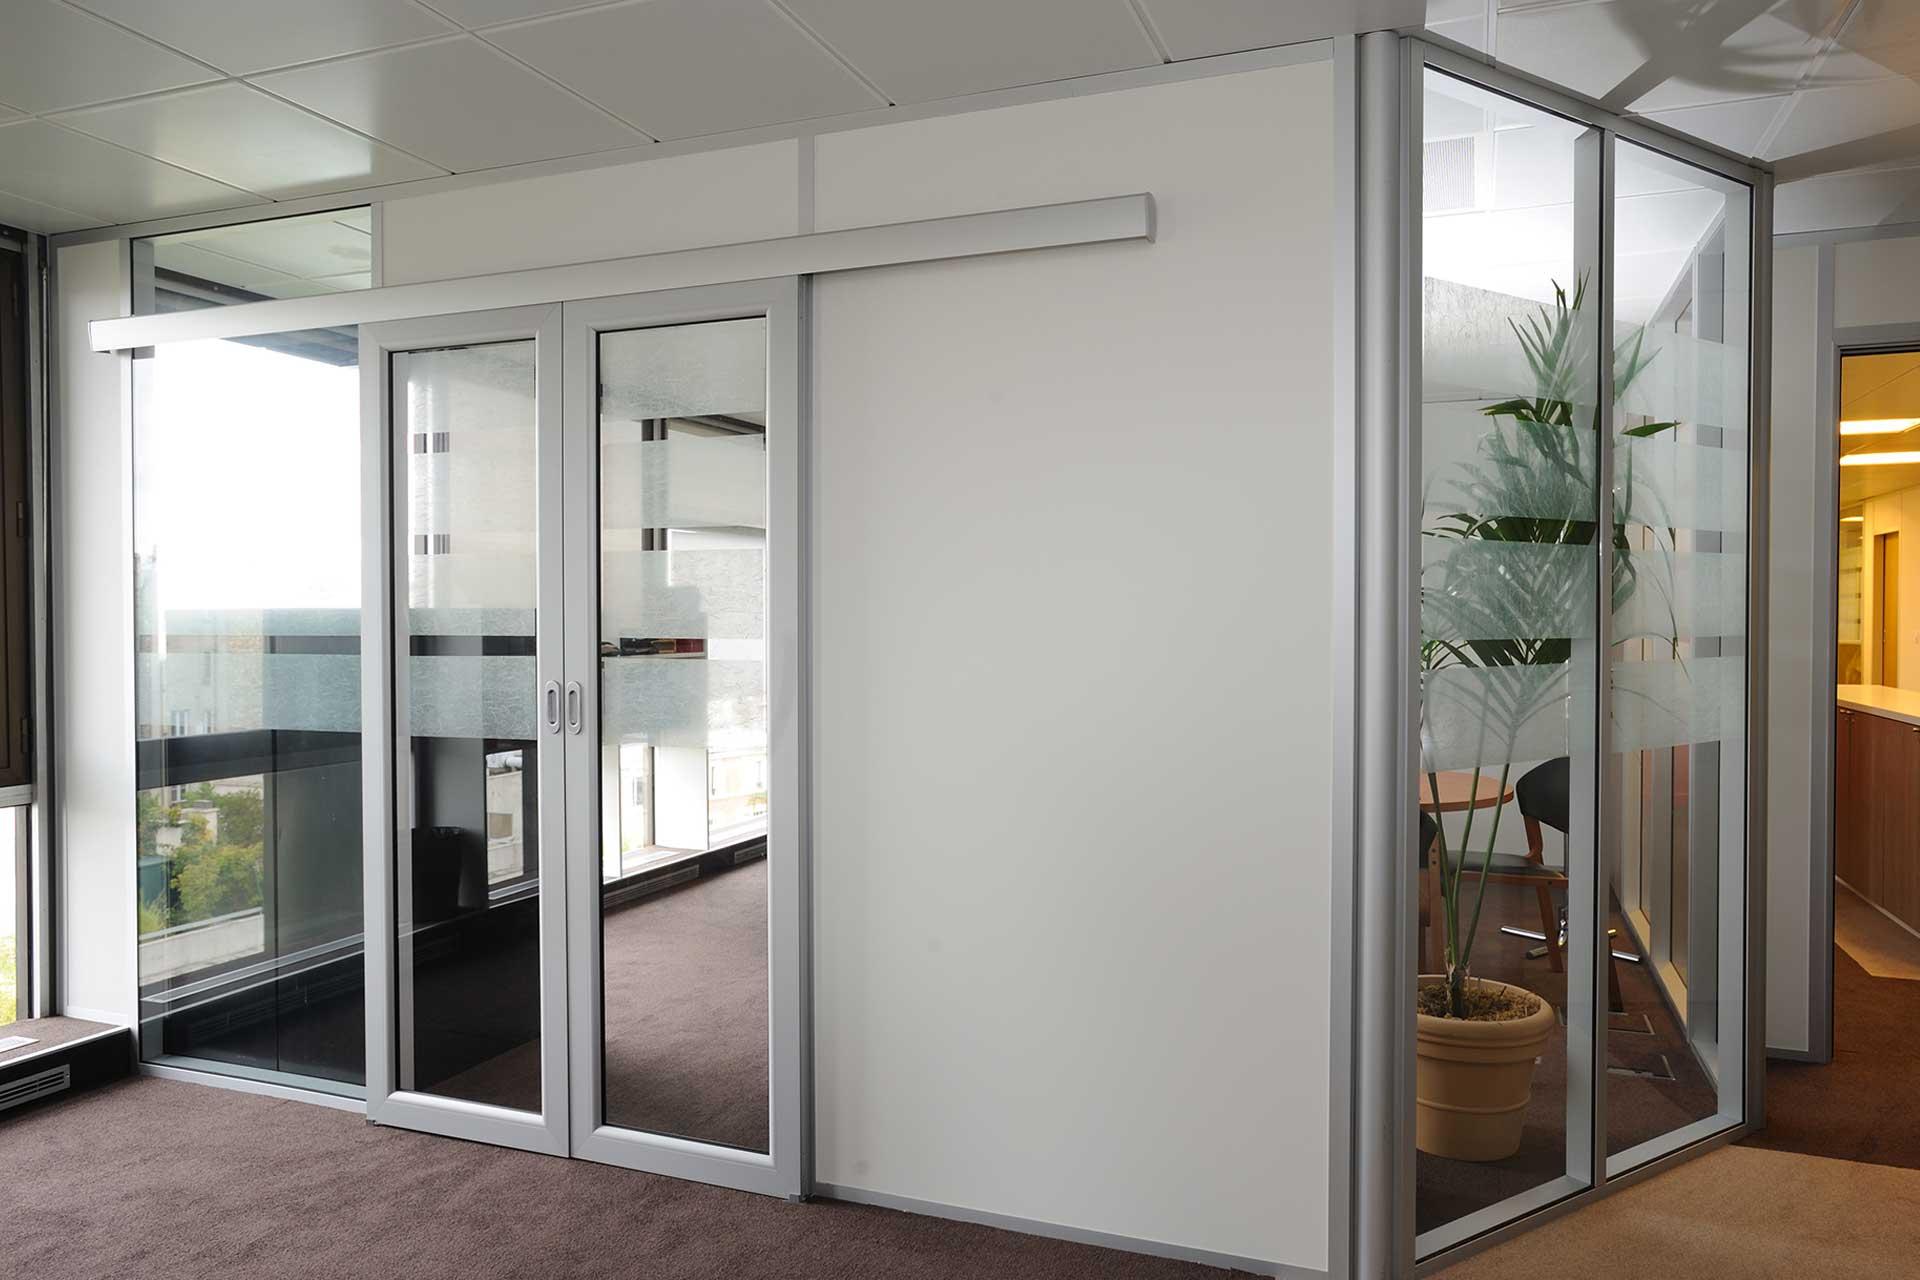 Cloisons amovibles blocs portes cadre aluminium coulissant